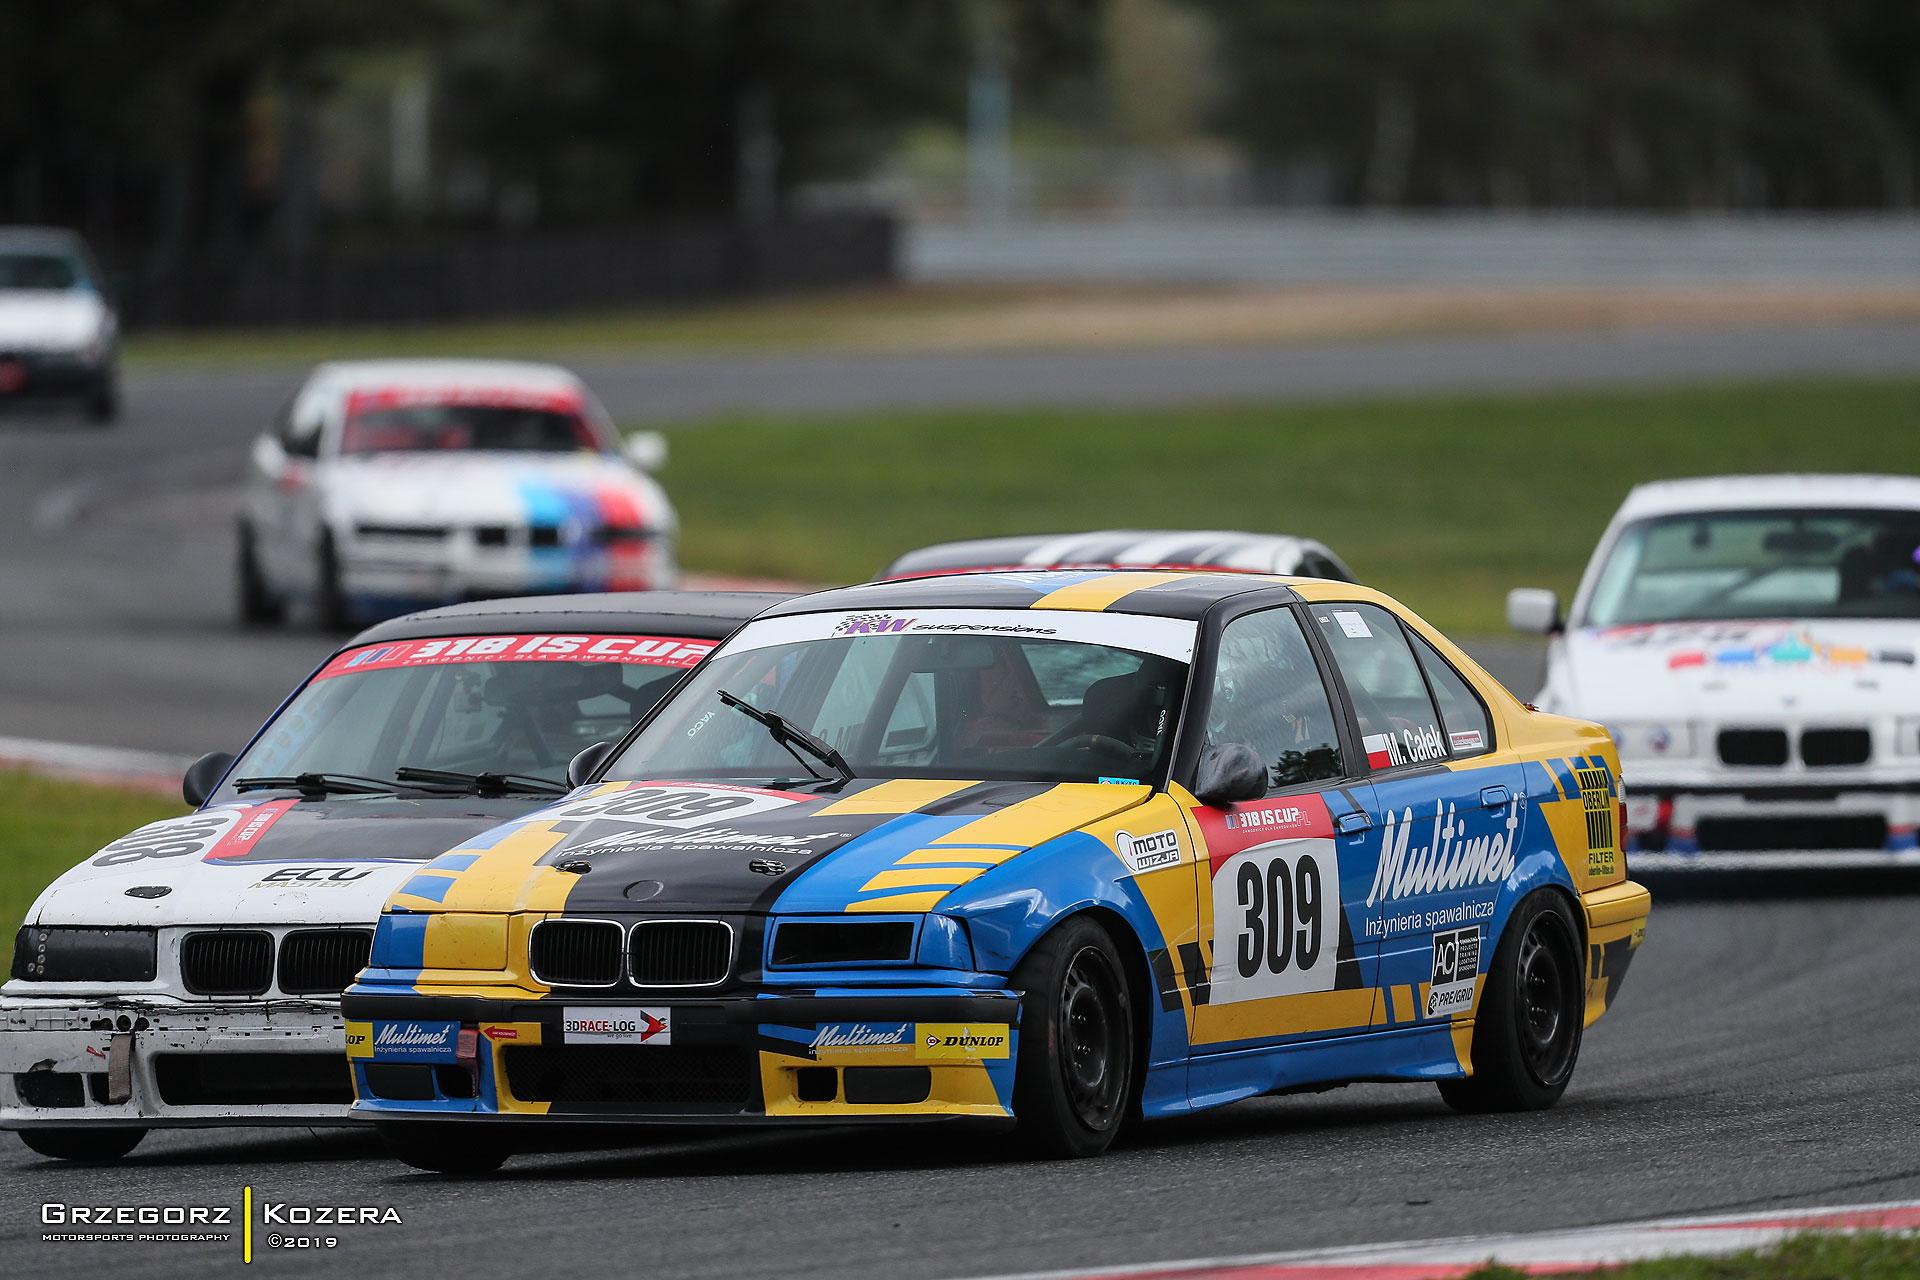 12 wyścigów 318IS Cup PL w 2020 roku